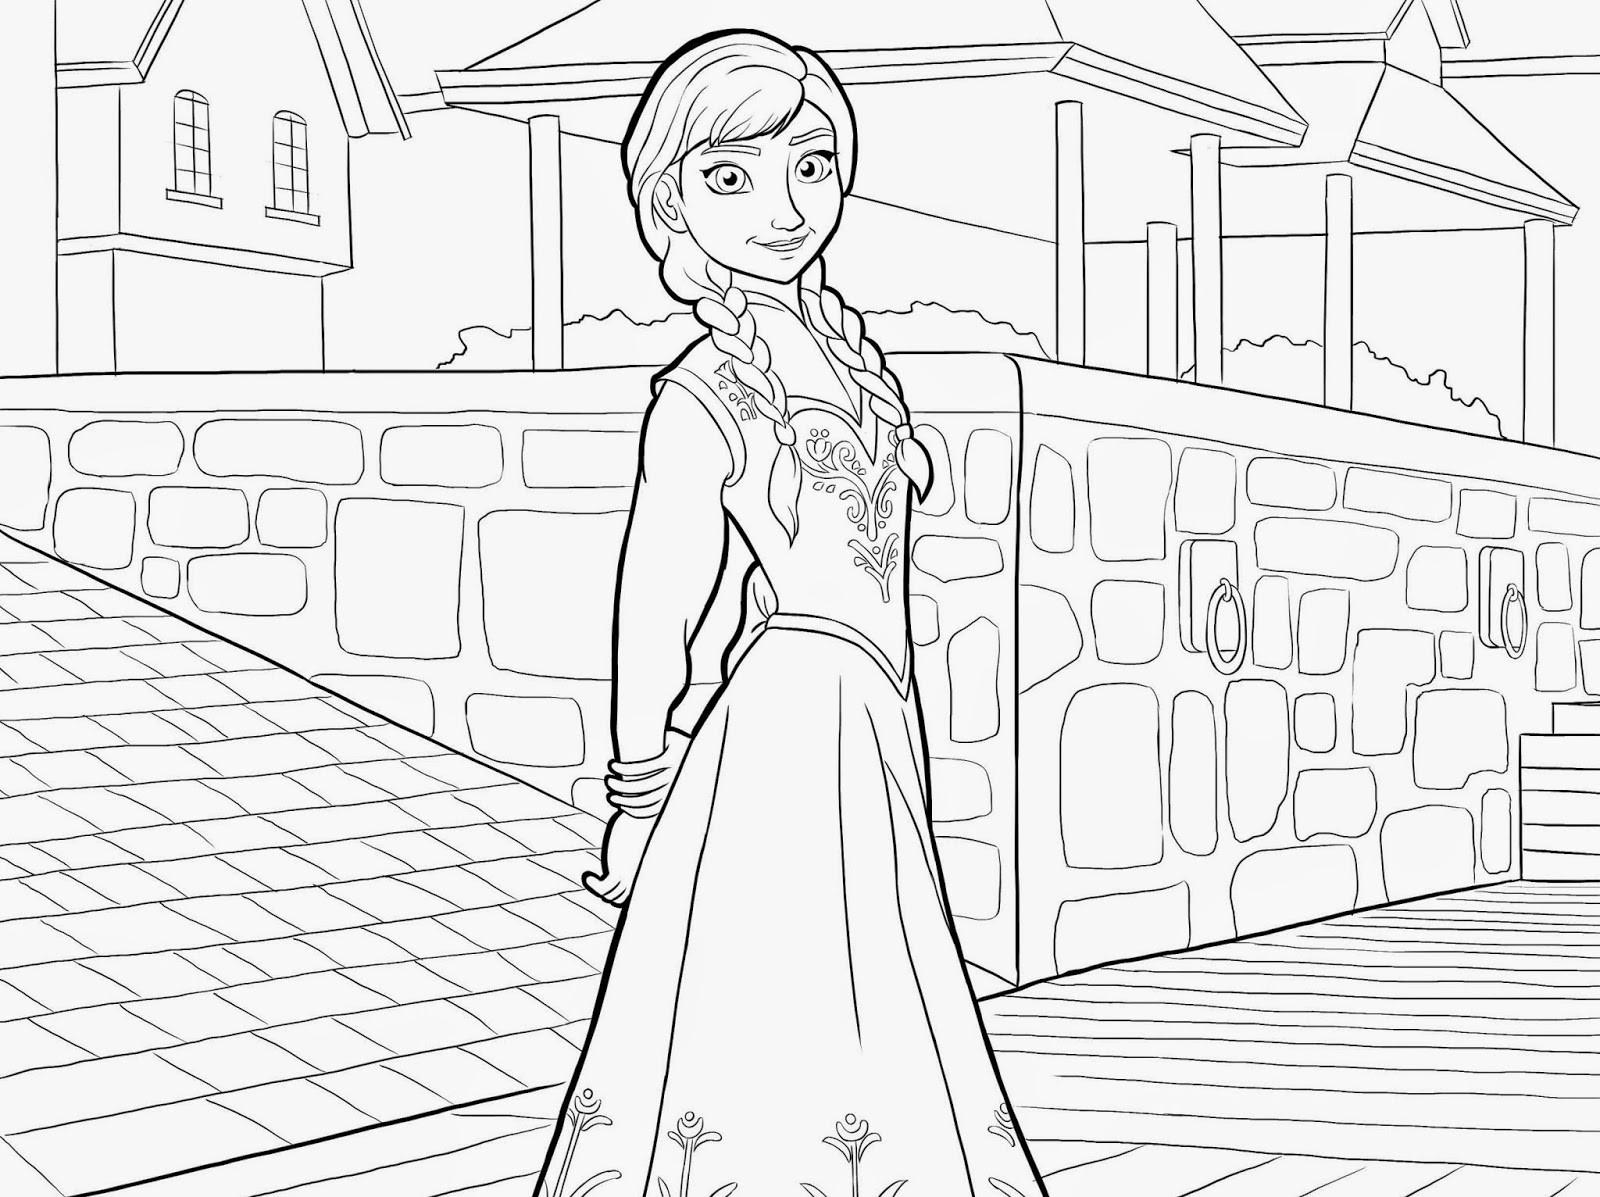 Ausmalbilder Disney Frozen  Ausmalbilder zum Ausdrucken Ausmalbilder Disney Frozen